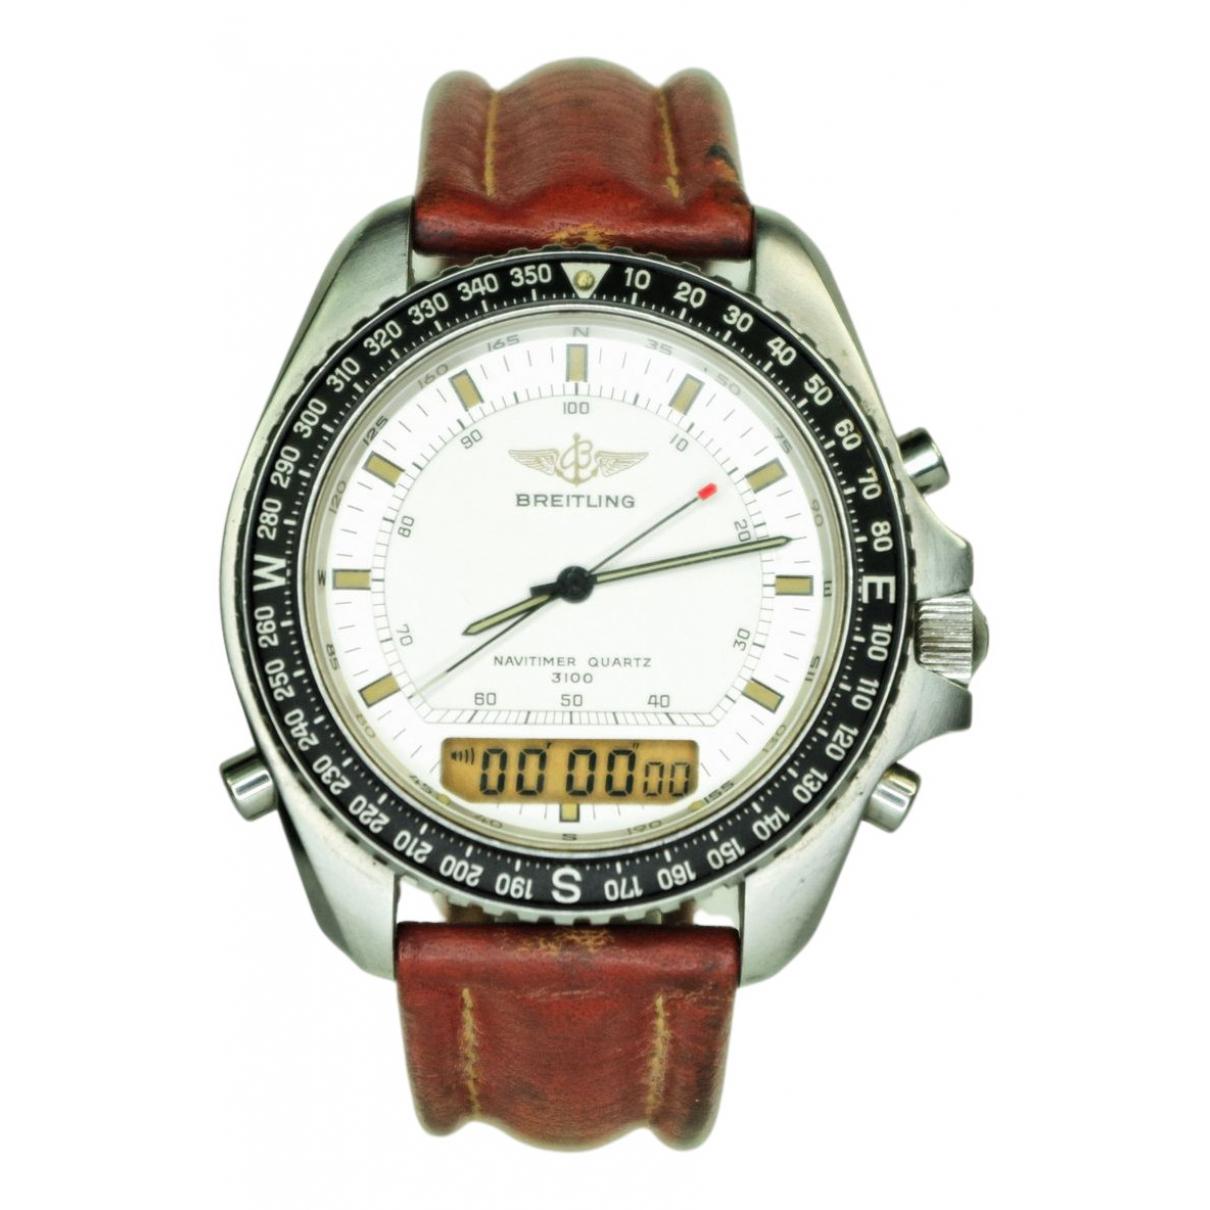 Relojes Navitimer Breitling